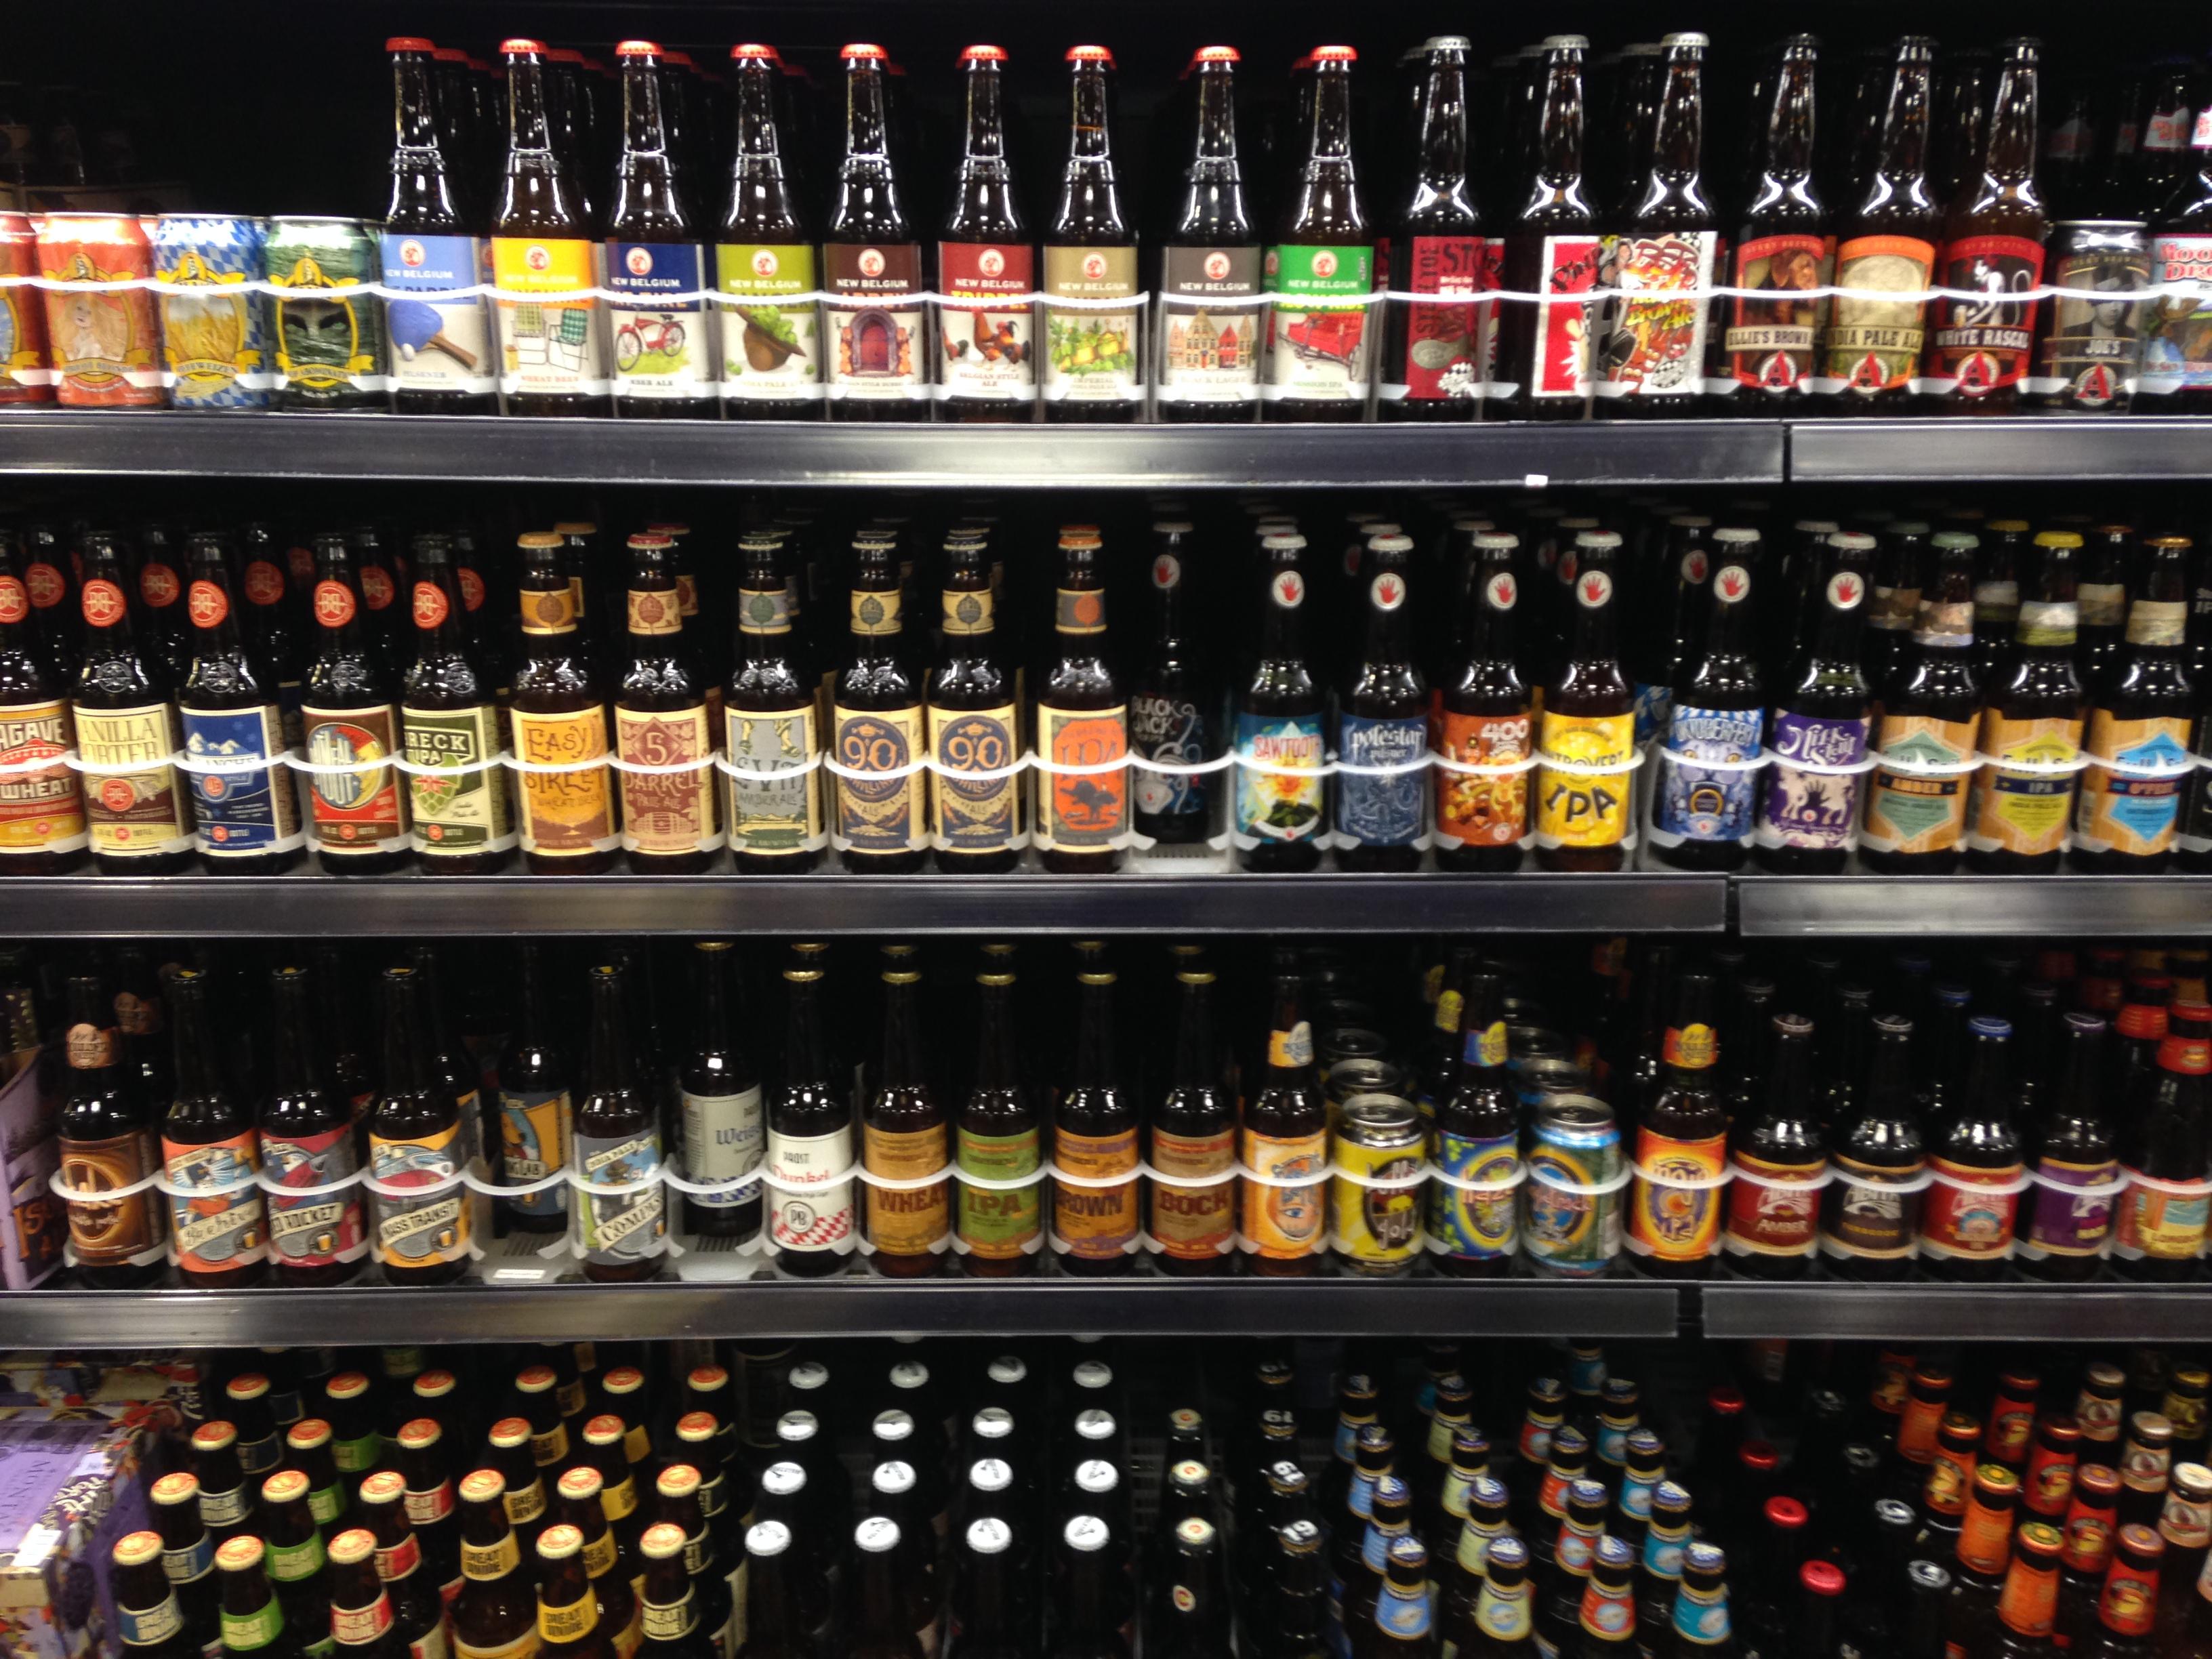 Photo: Beer case